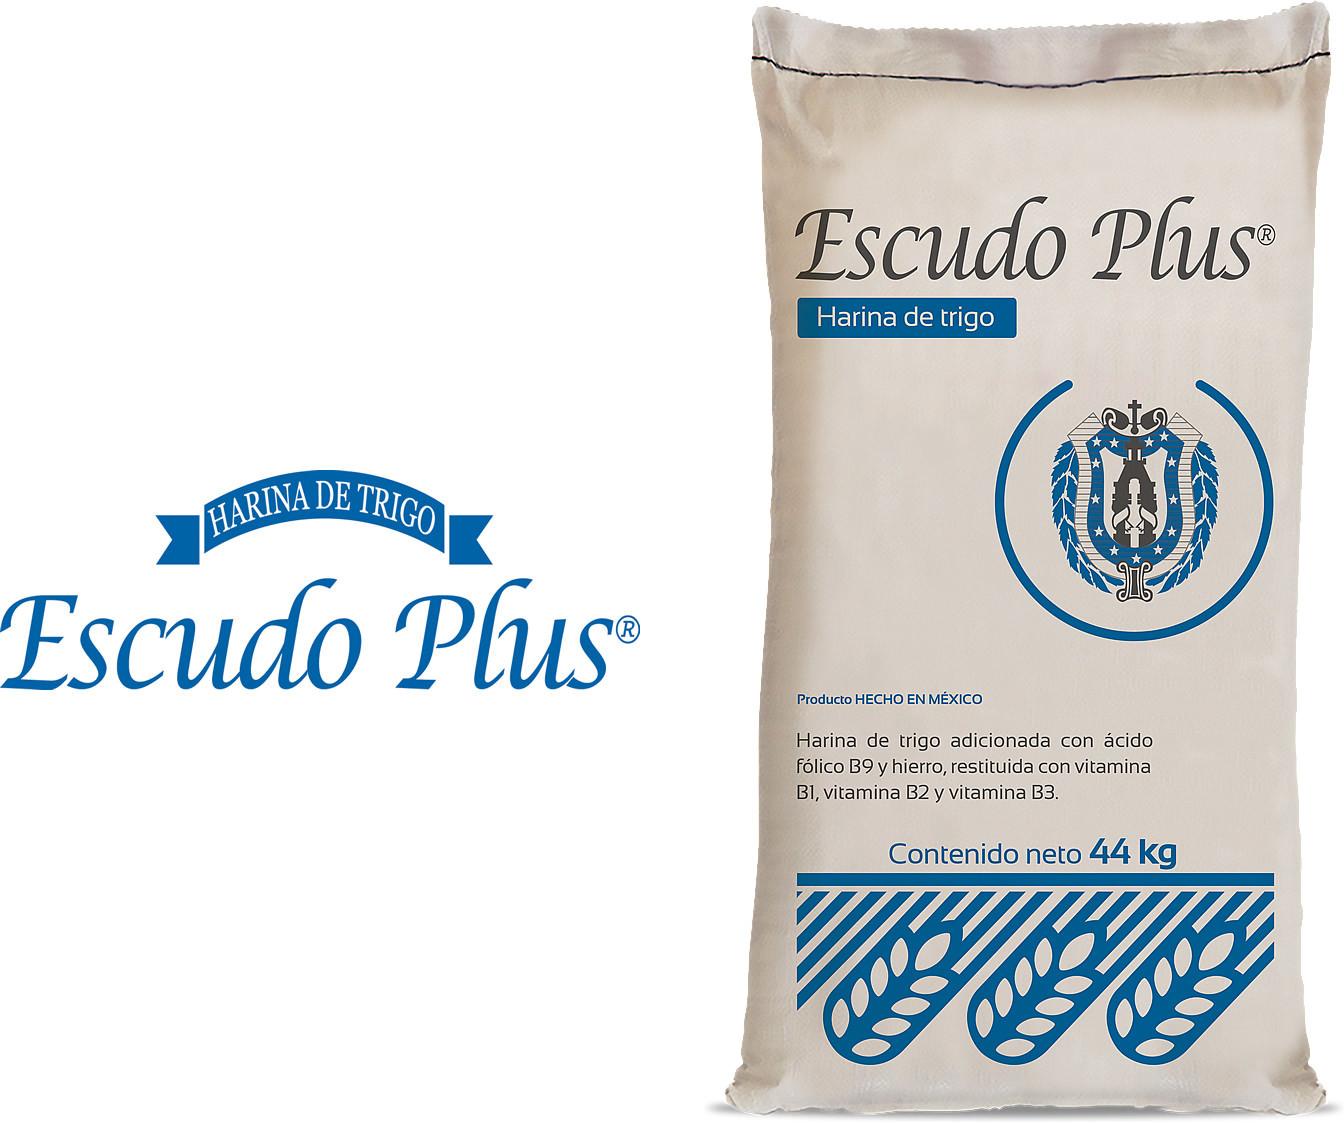 La harina de trigo Escudo Plus es multiusos.